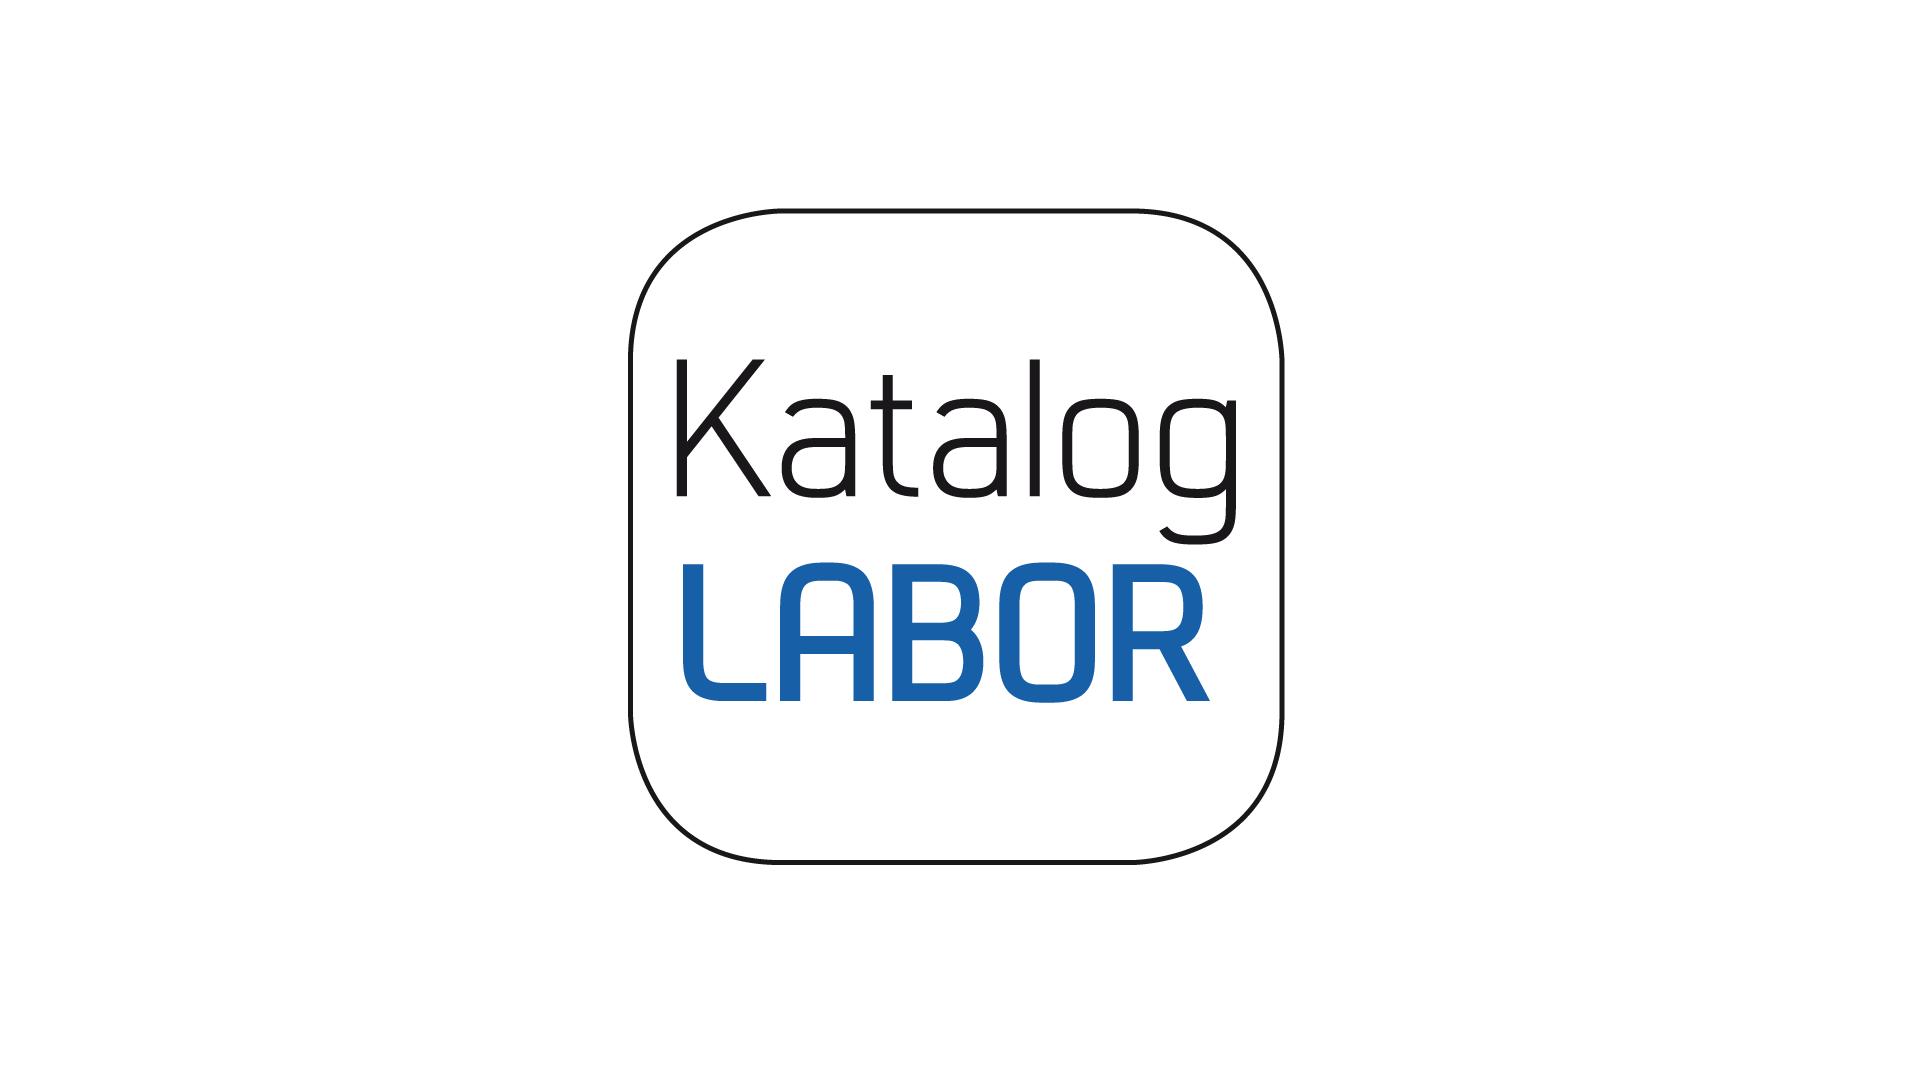 Logo KatalogLabor, Label für Gestaltung von Kunstbüchern und Katalogen